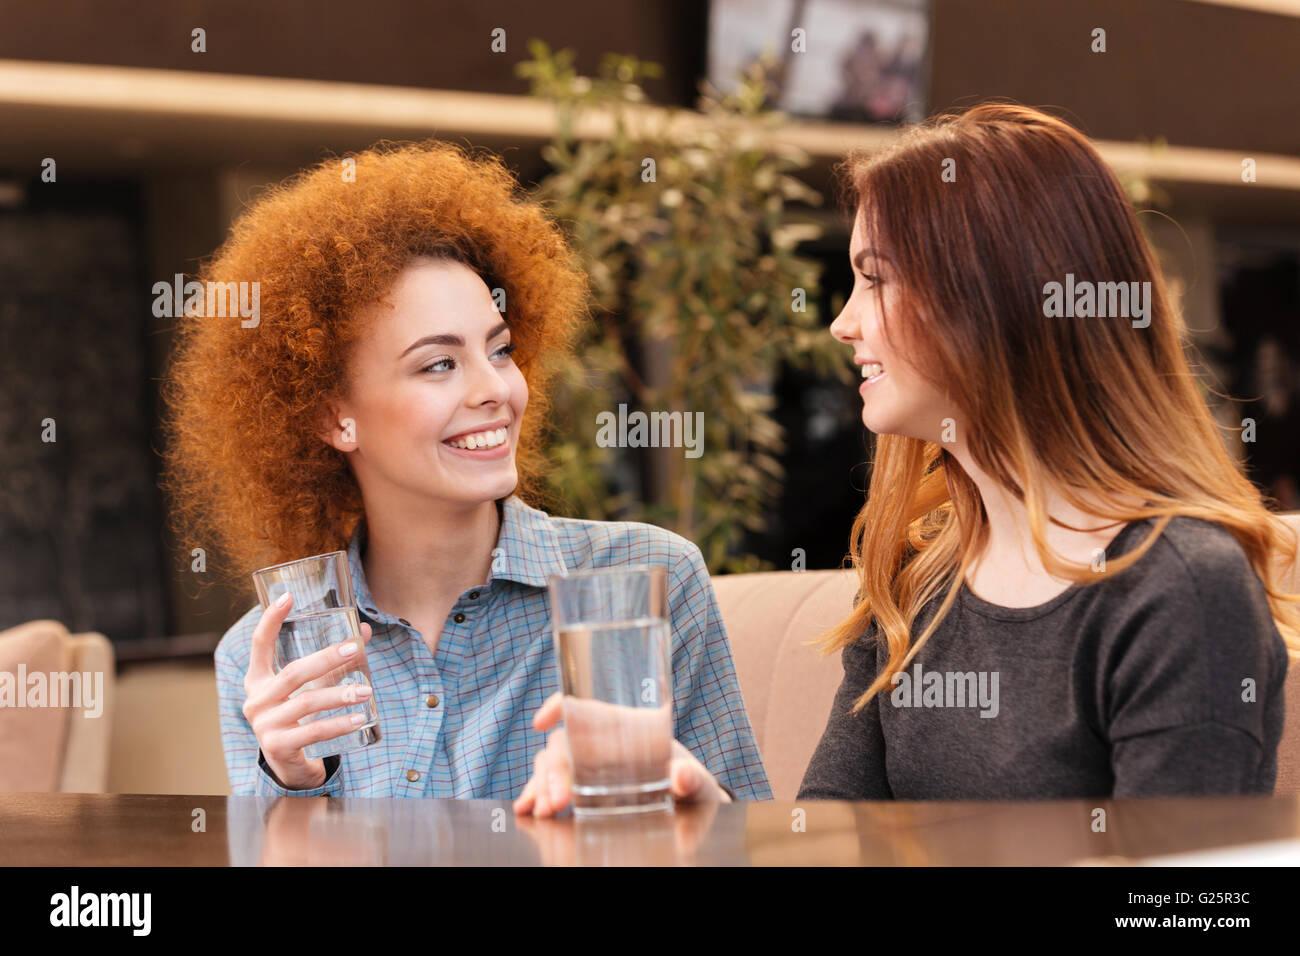 Dos mujeres jóvenes y atractivas feliz sonriente y agua potable en cafe Imagen De Stock